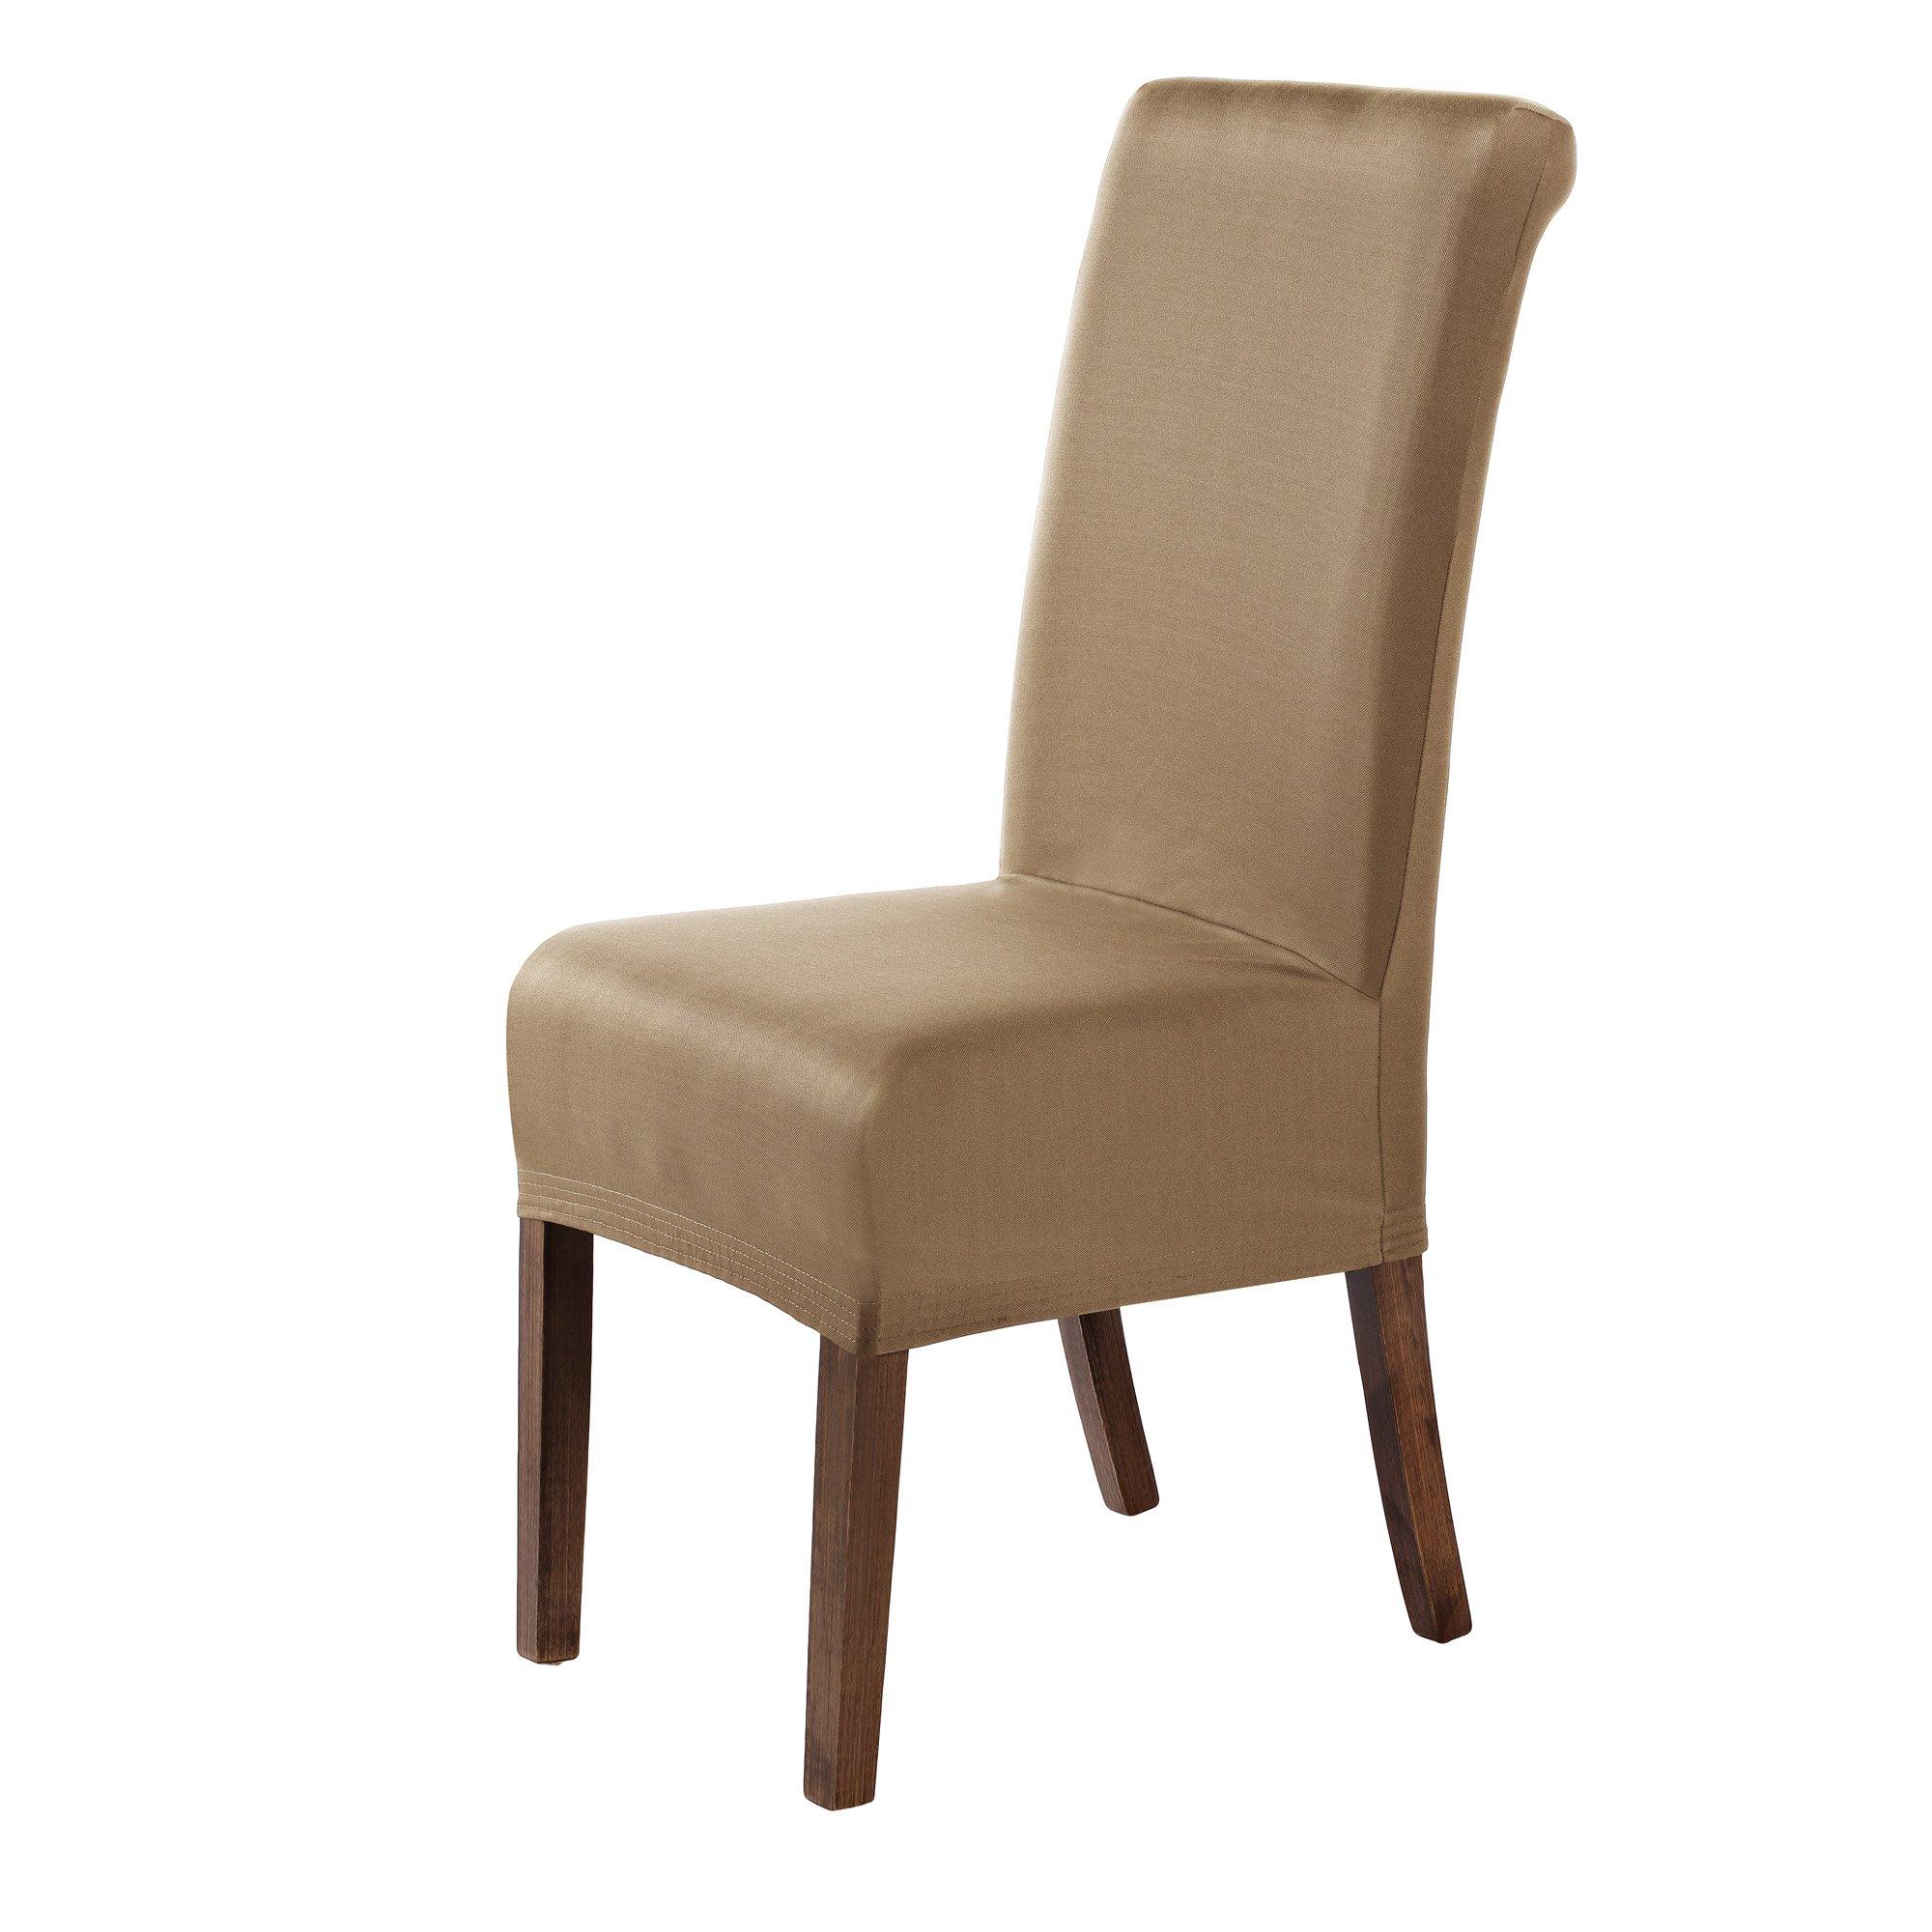 Cosyvie Set 4 Stk. Spandex Bezüge Decken Stuhl Ausziehbar Und Waschbar Für  Schutz Stuhl Esszimmer, Weiß Weiß